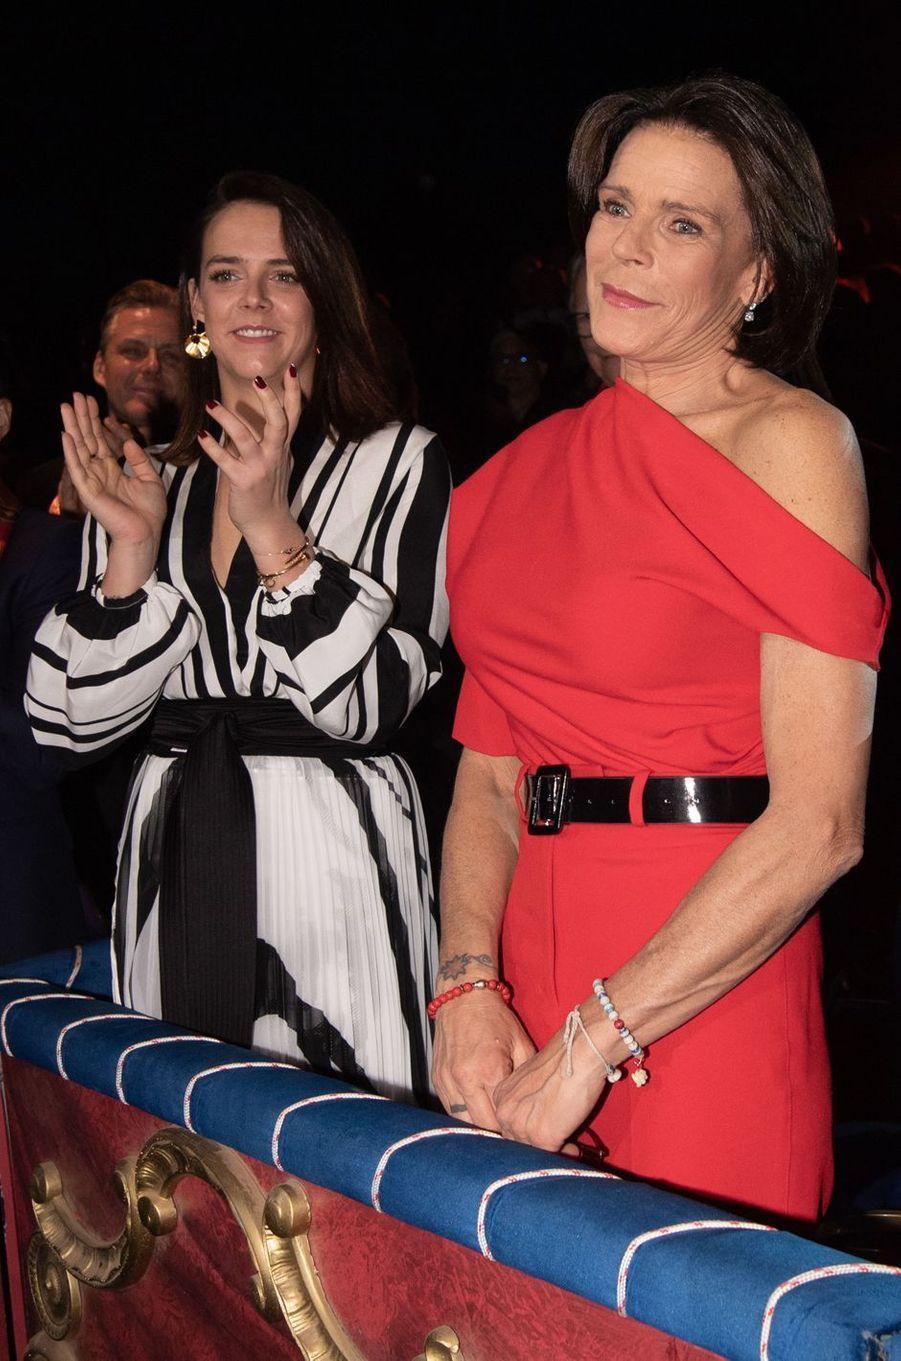 La princesse Stéphanie de Monaco (détail de son corsage), 16 janvier 2020